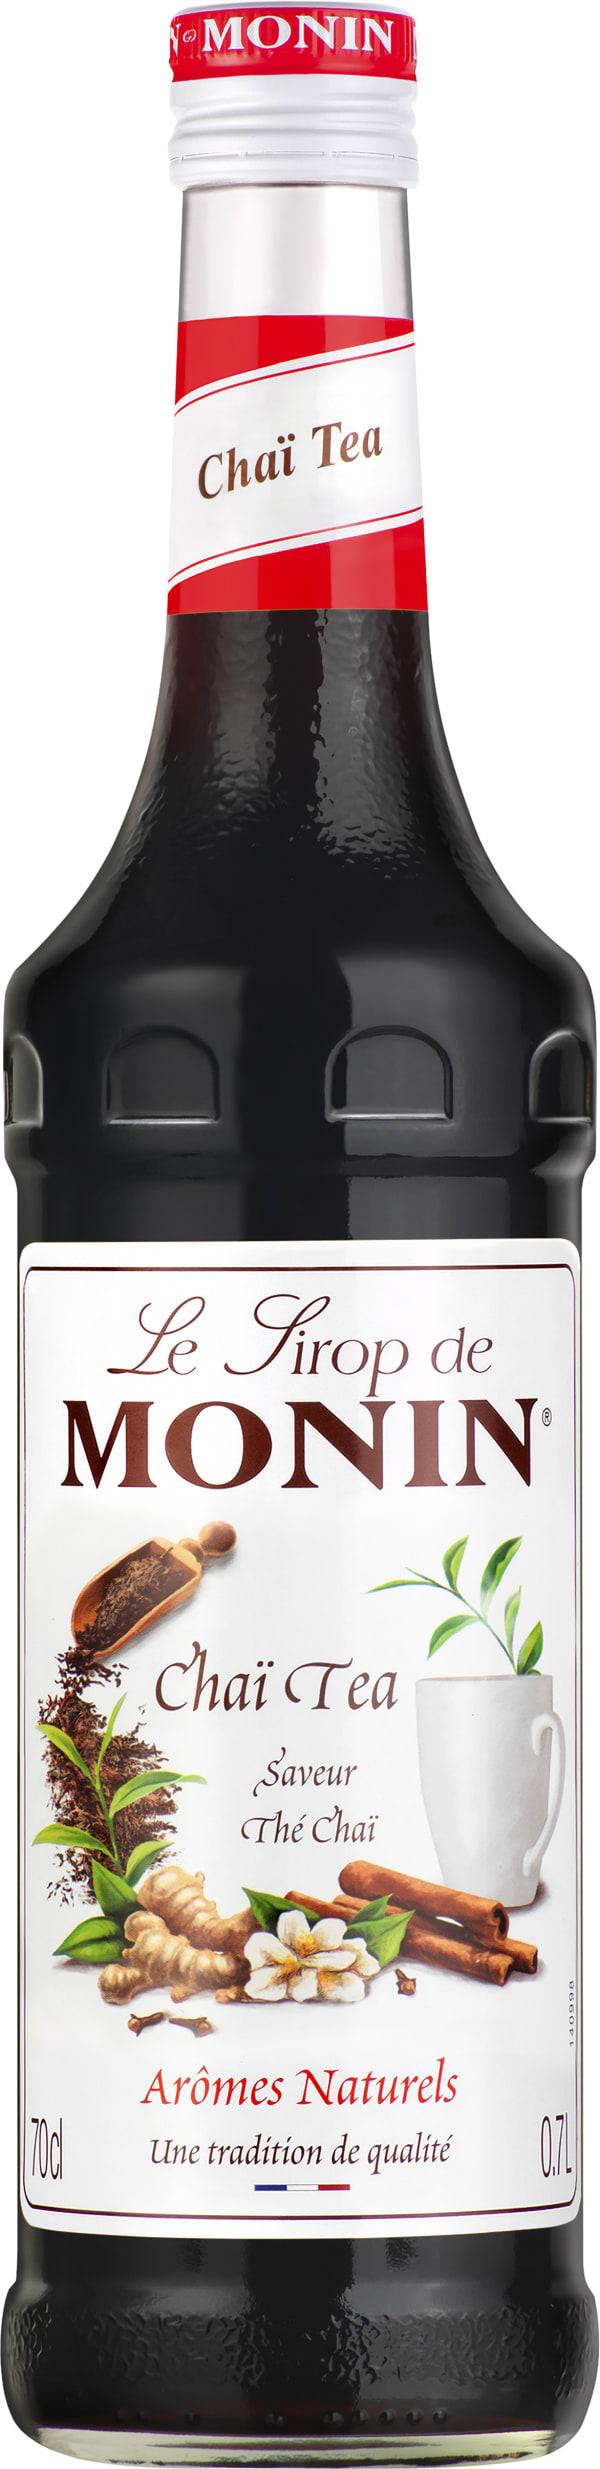 Le Sirop de Monin Chai Tea